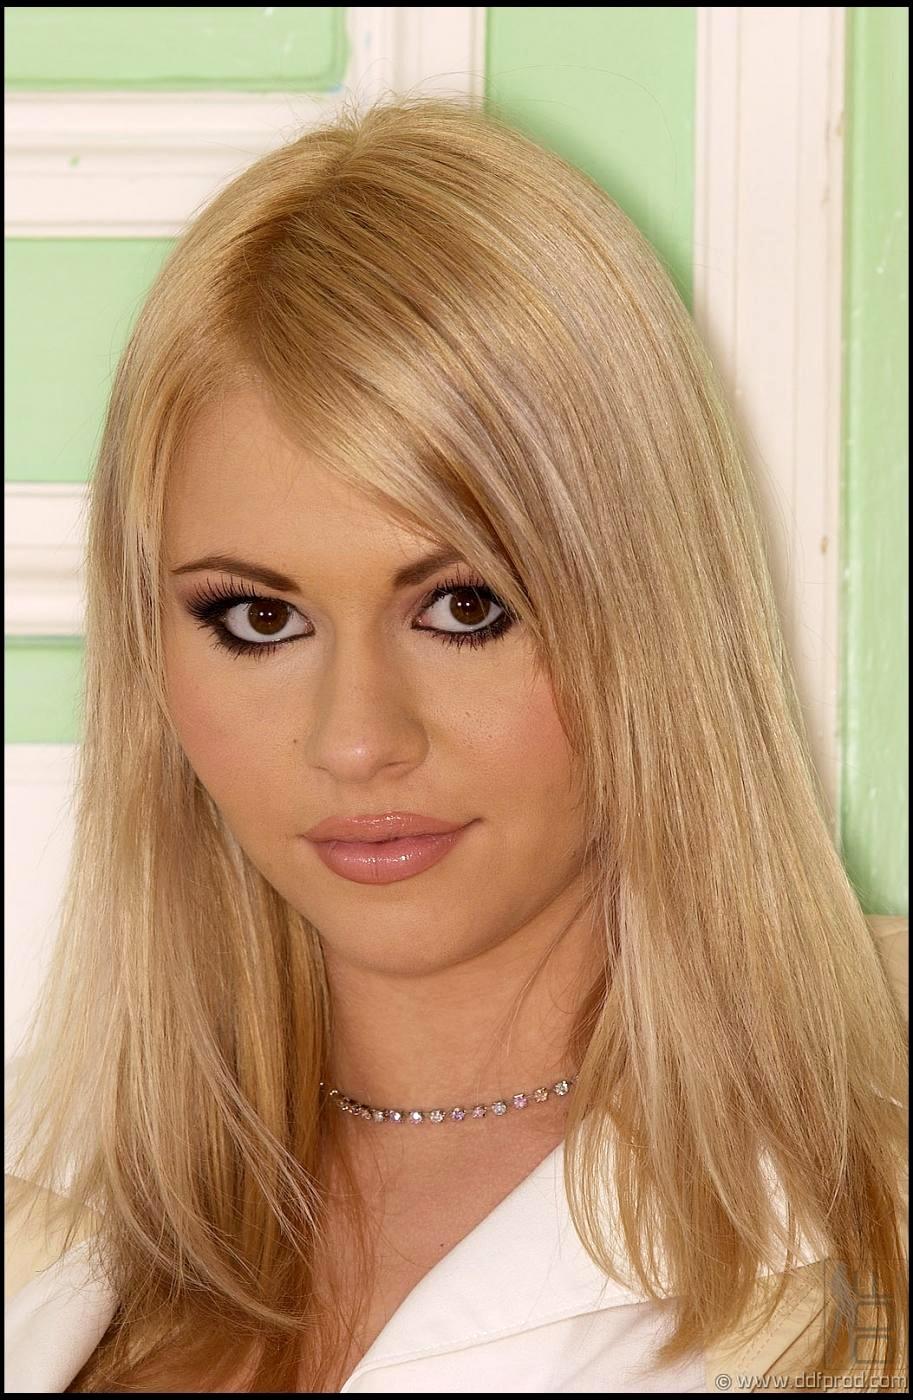 Dasha Blonde 114